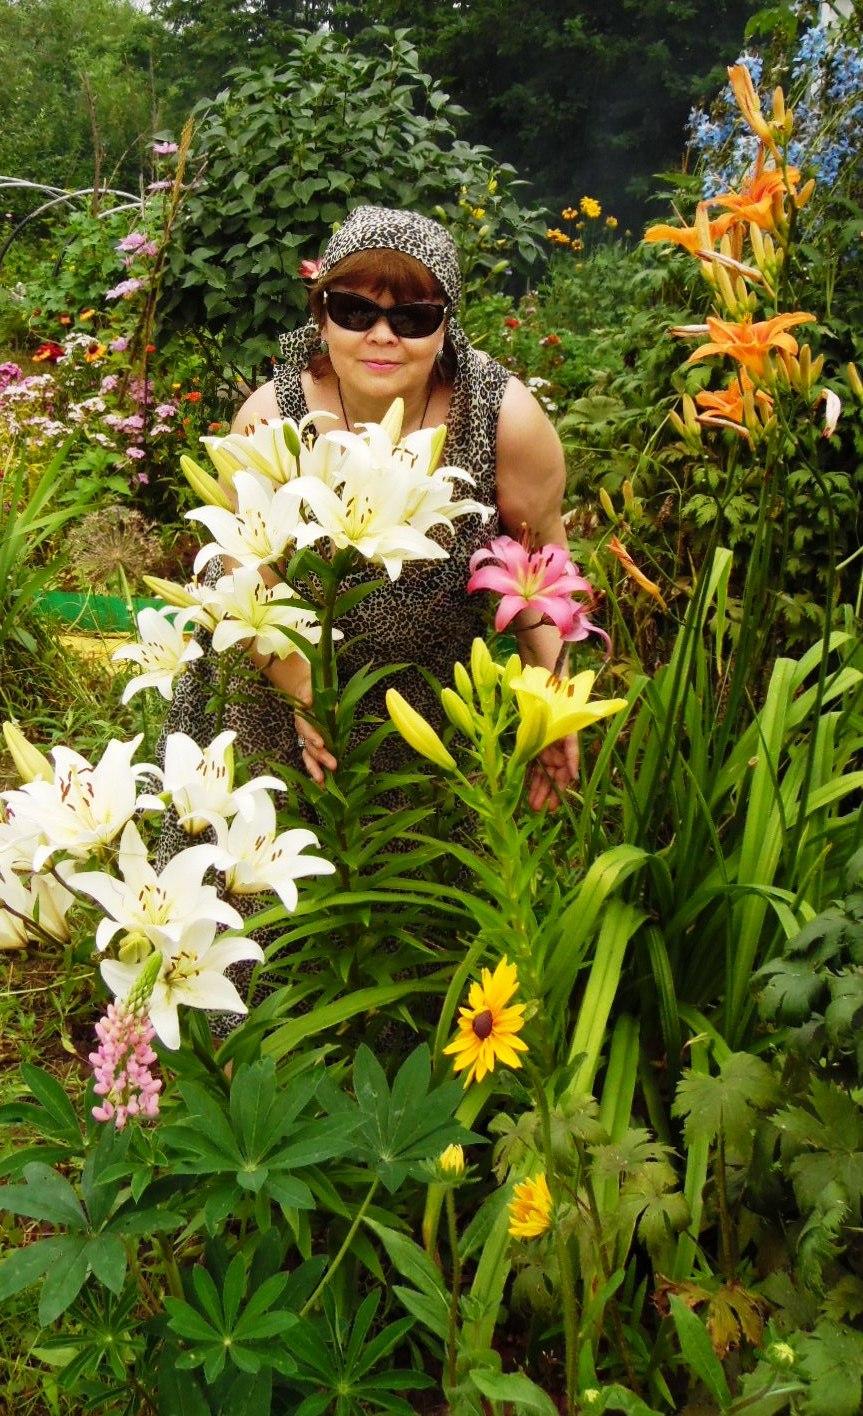 Прекрасные лилии!. Совершенно летние!